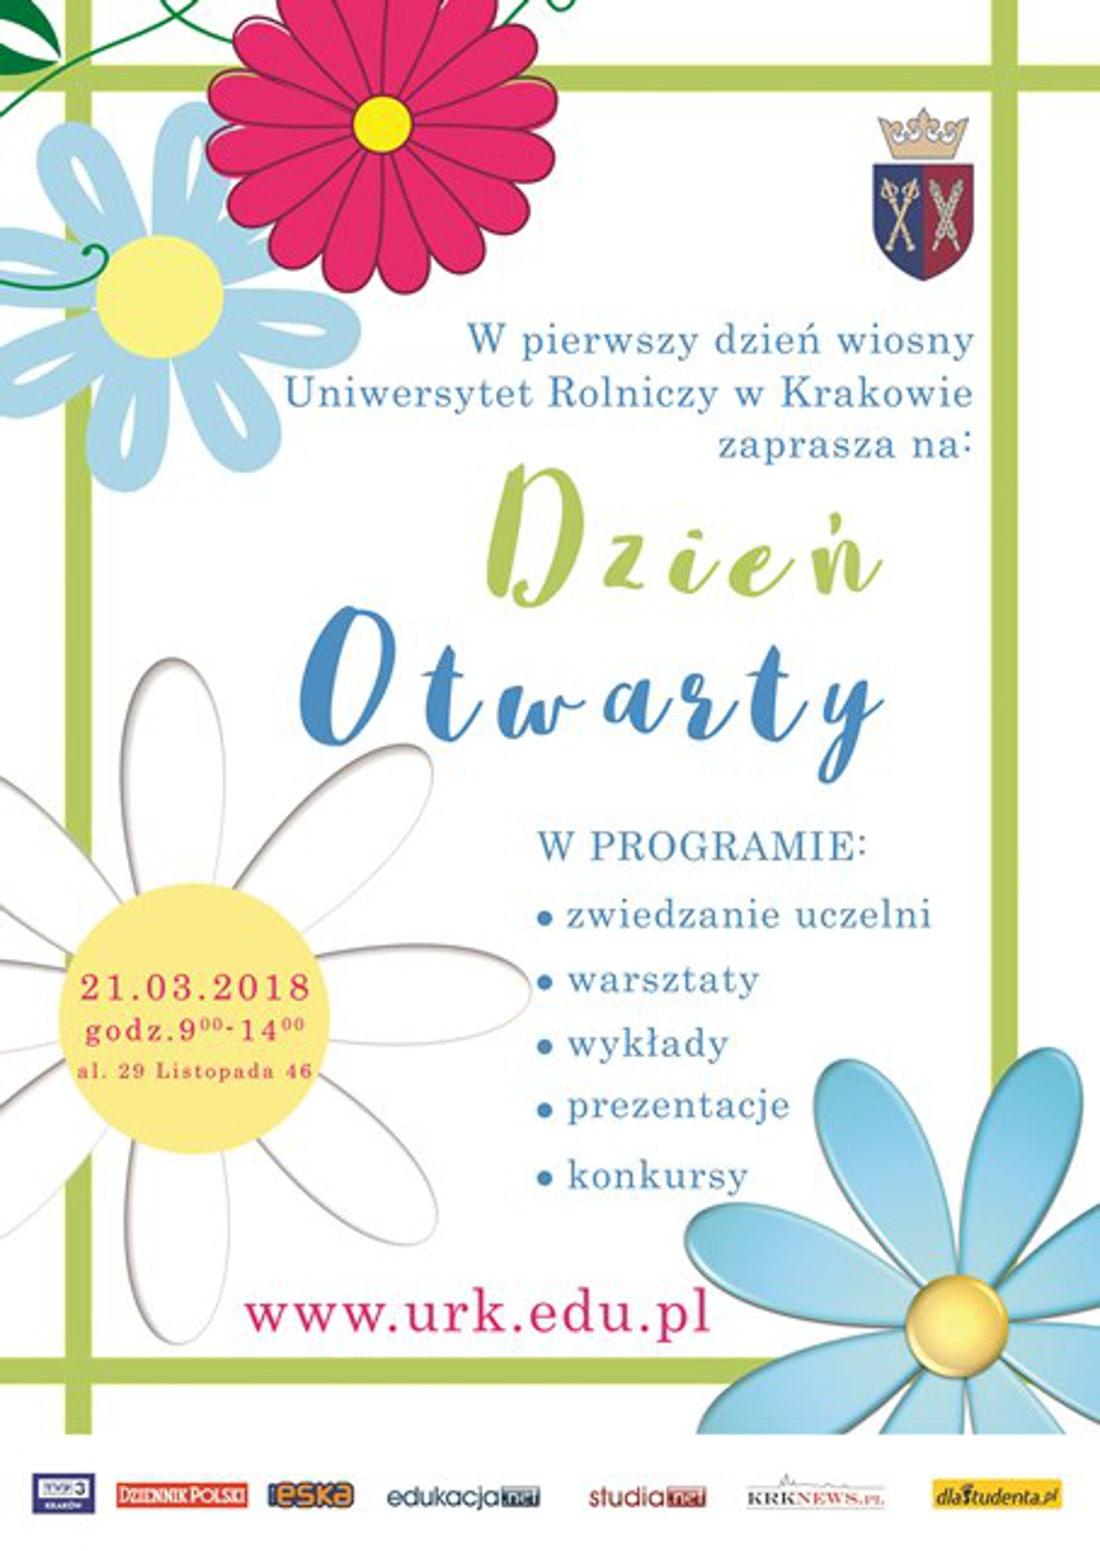 Dzień Otwarty odbędzie się 21 marca 2018 roku.